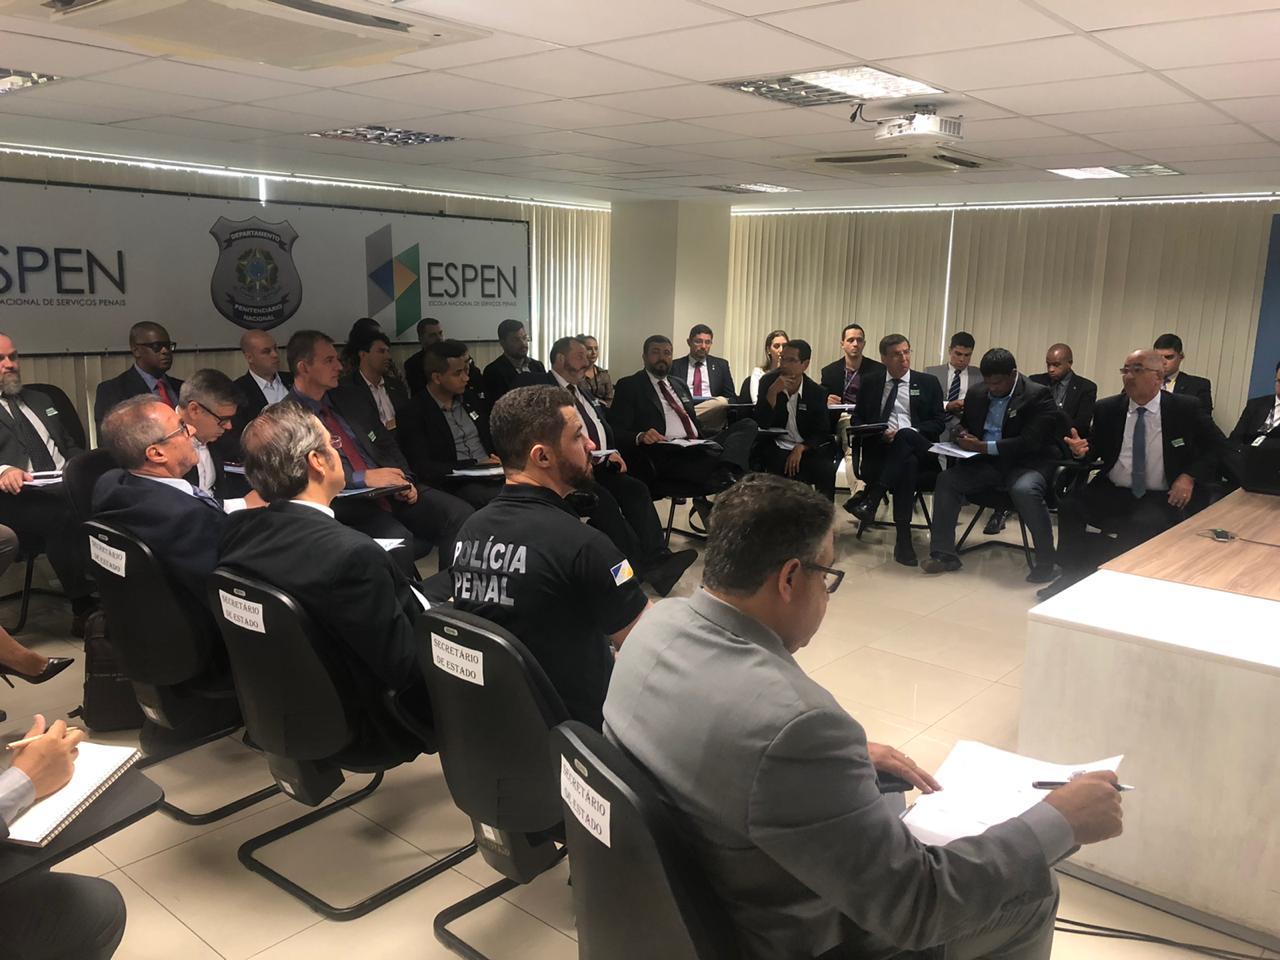 Secretário da Cidadania e Justiça participa de reunião em Brasília sobre criação da polícia penal